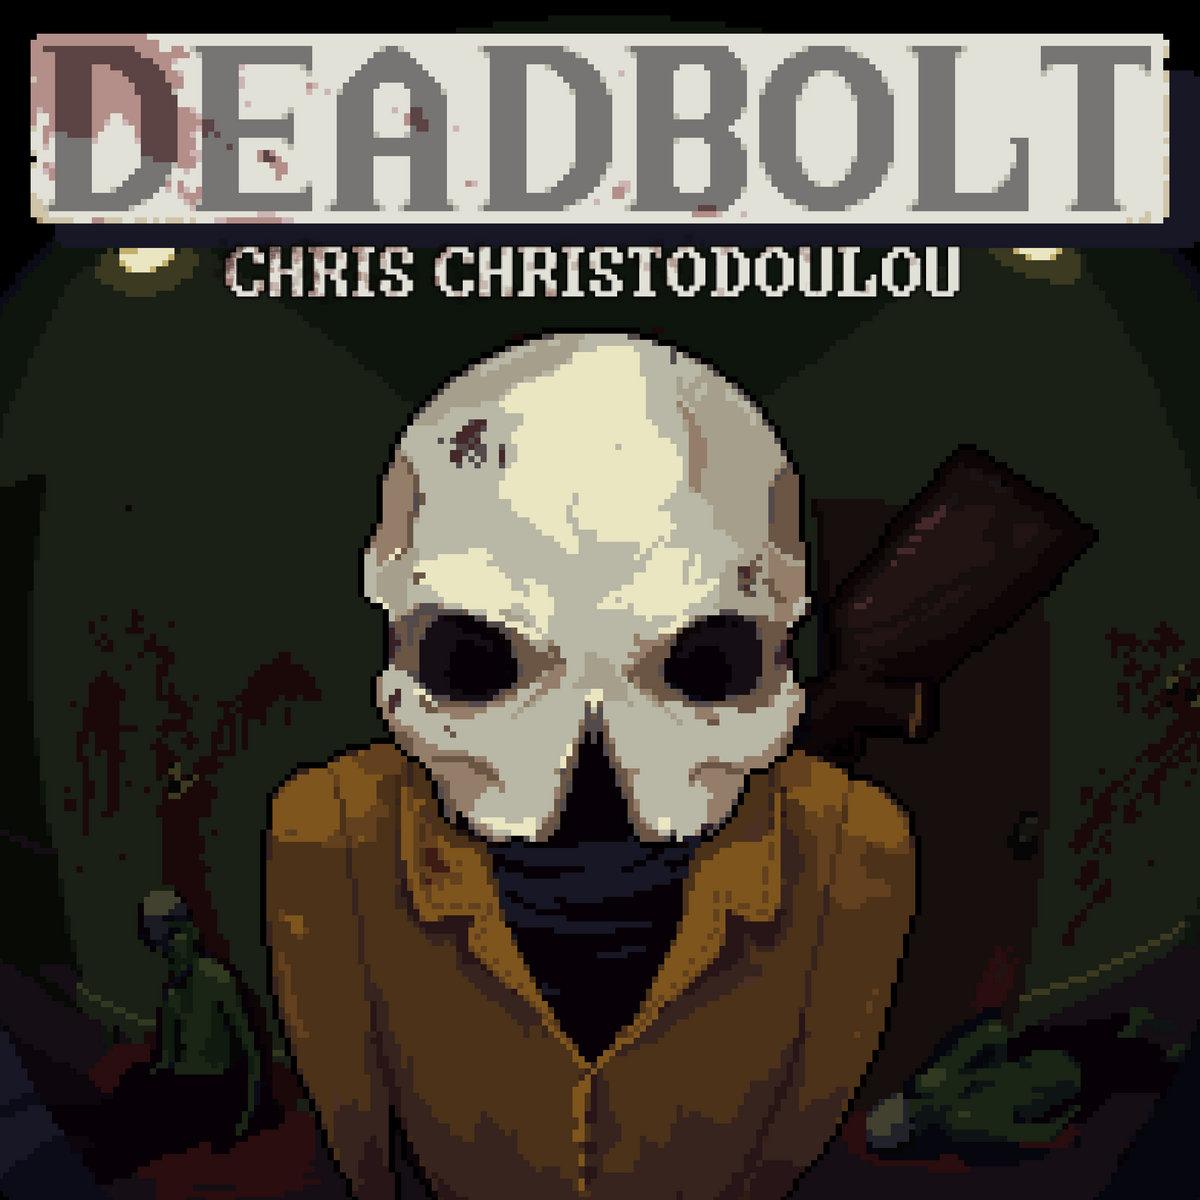 Blood On The Dancefloor Chris Christodoulou